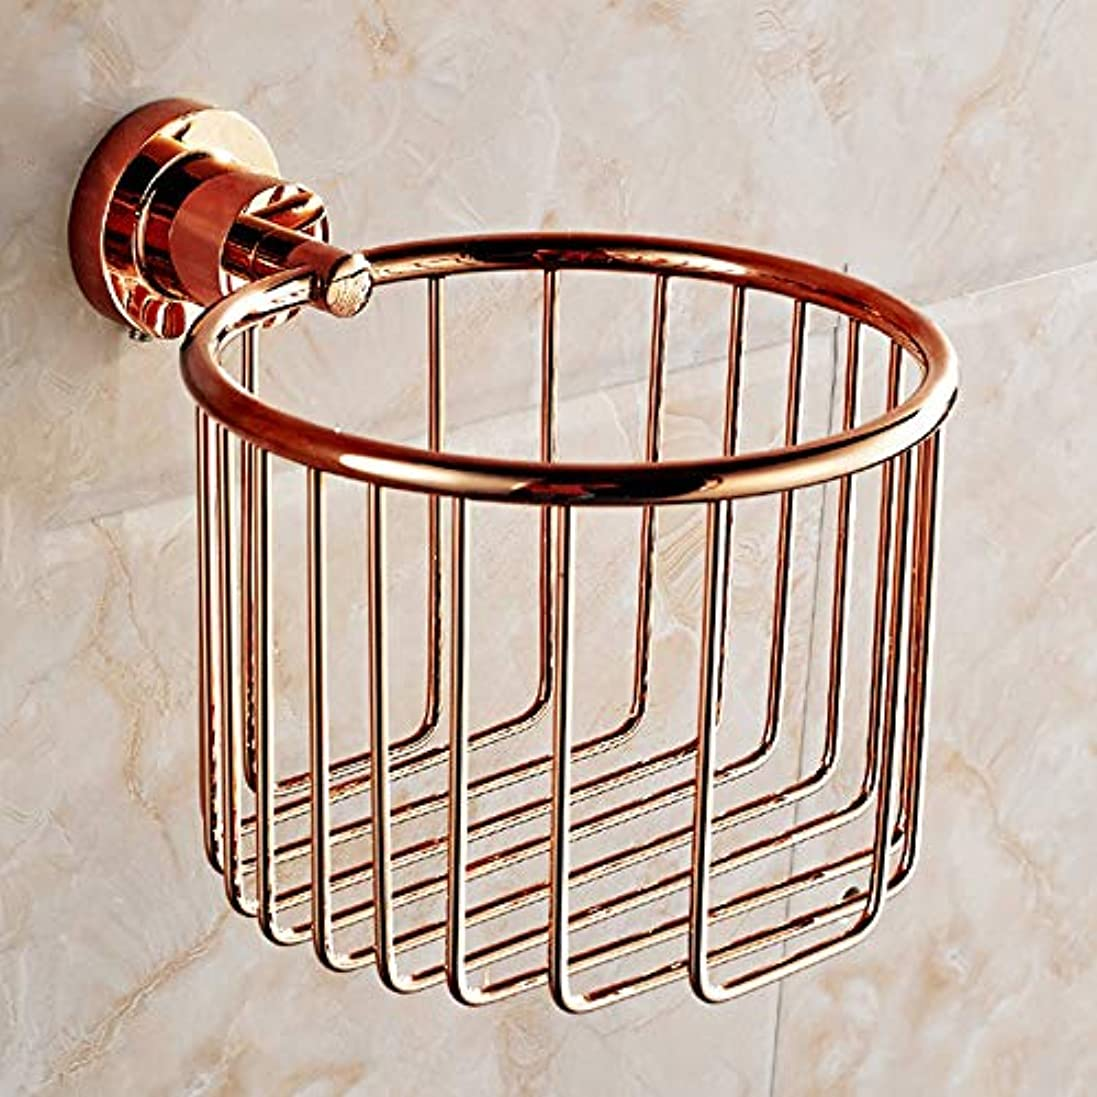 ロゴ祖母法律によりZZLX 紙タオルホルダー、完全な銅ヨーロッパのアンティークローズゴールドとゴールドのバスタオルラックのロールホルダー ロングハンドル風呂ブラシ (色 : ローズゴールド ろ゜ずご゜るど)